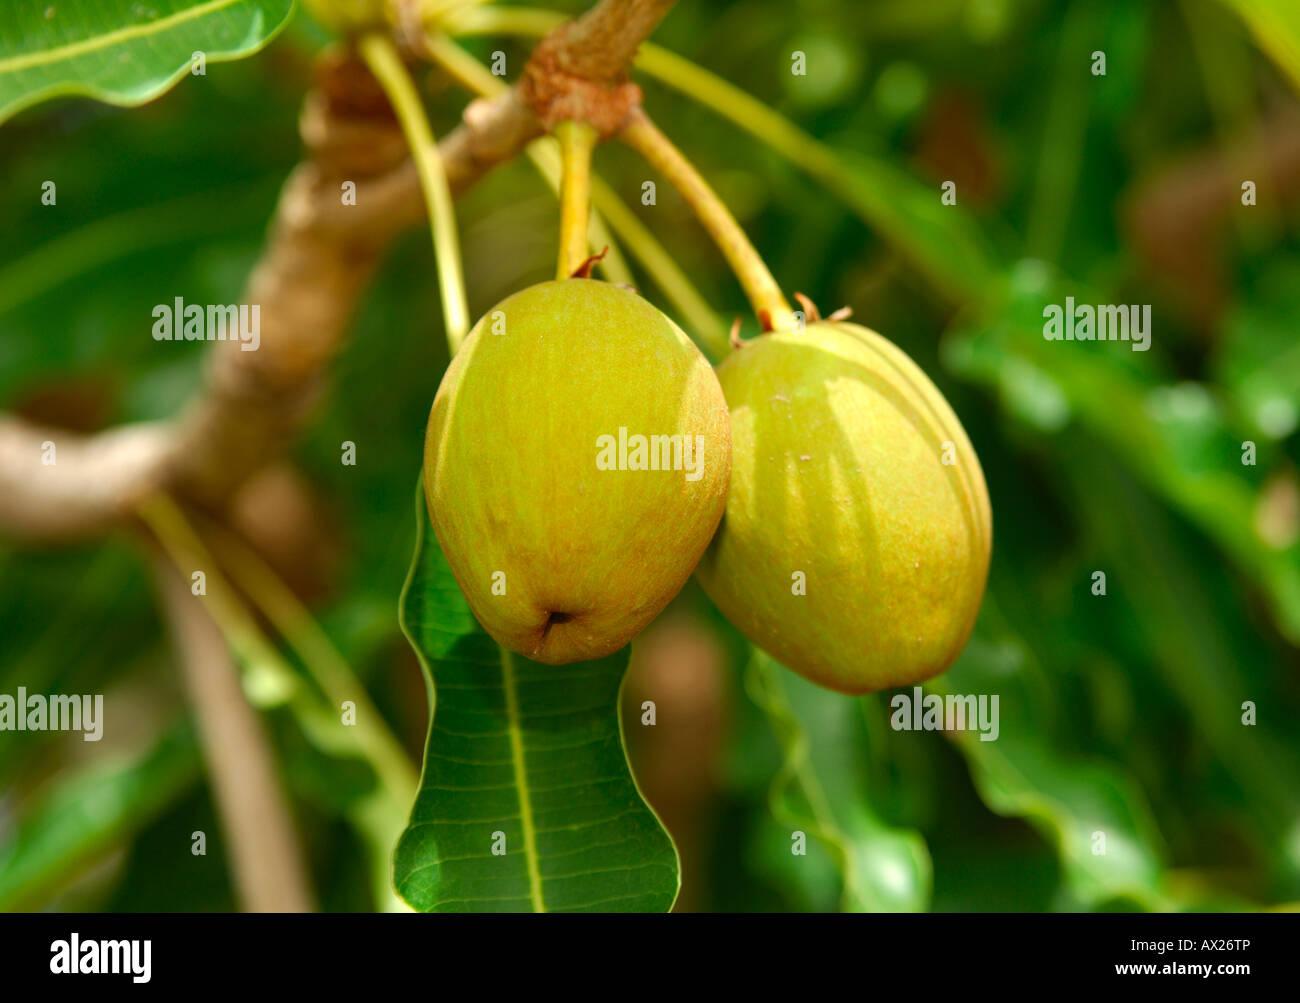 Fruits of Shea butter tree, Karite tree, Vitellaria paradoxa, syn. Butyrospermum parkii, B. paradoxa, Burkina Faso Stock Photo